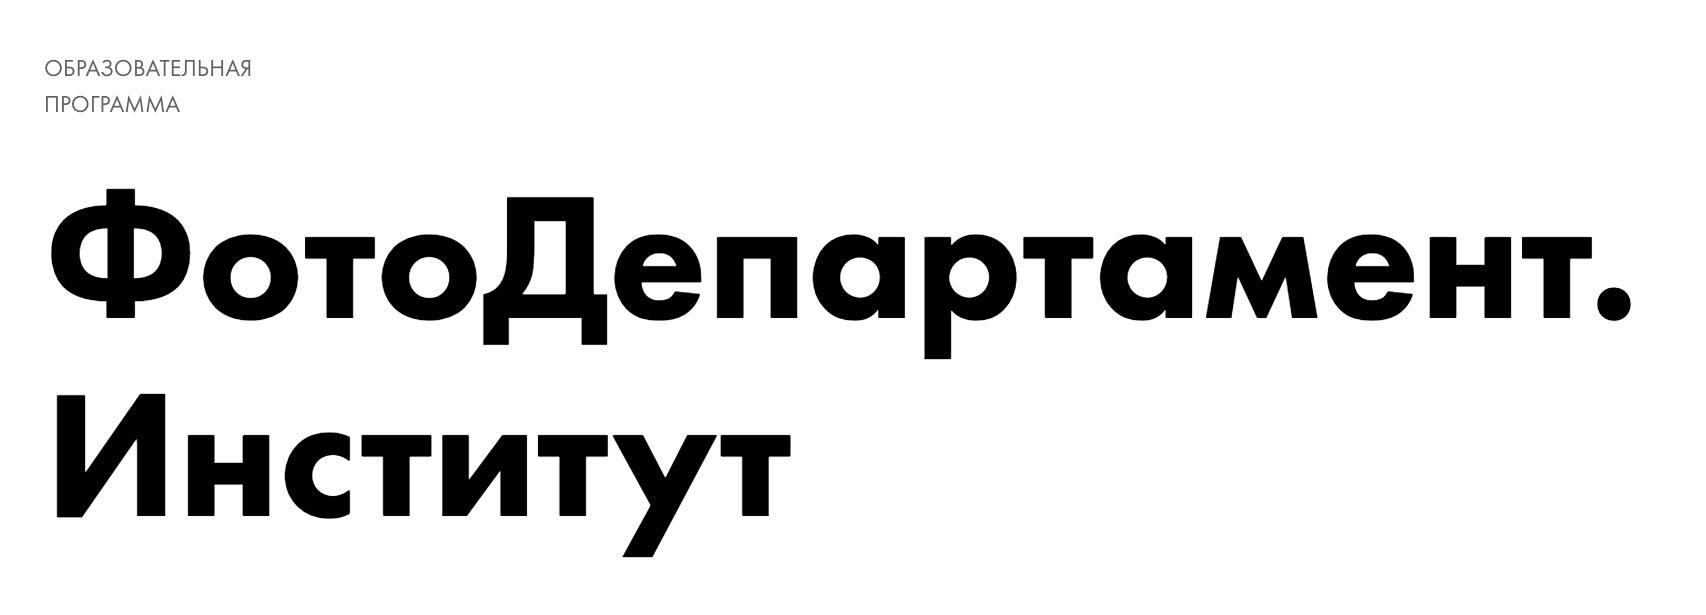 ФотоДепартамент.Институт